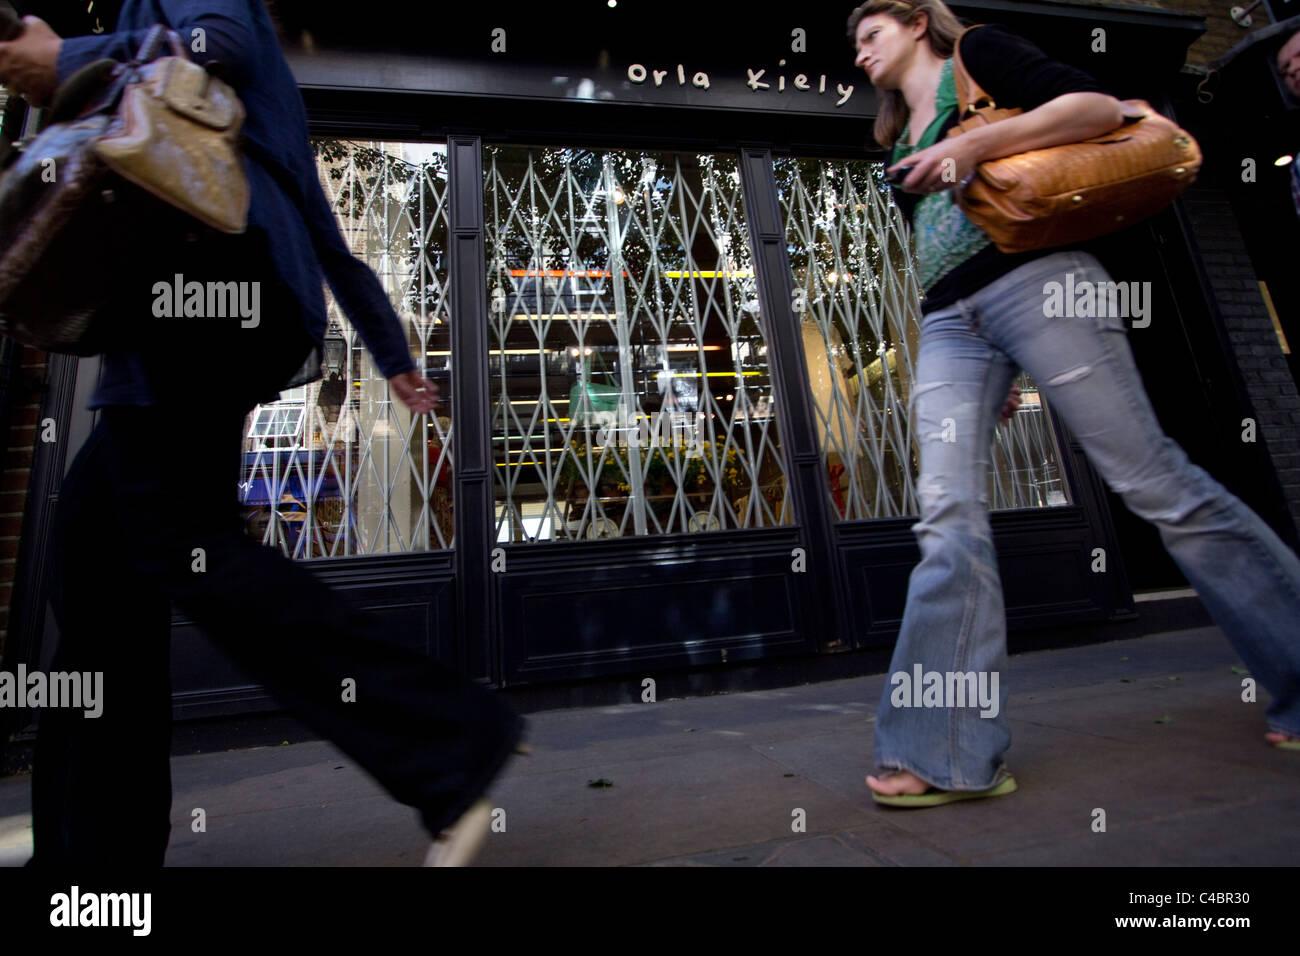 orla kiely retail outlet, London - Stock Image